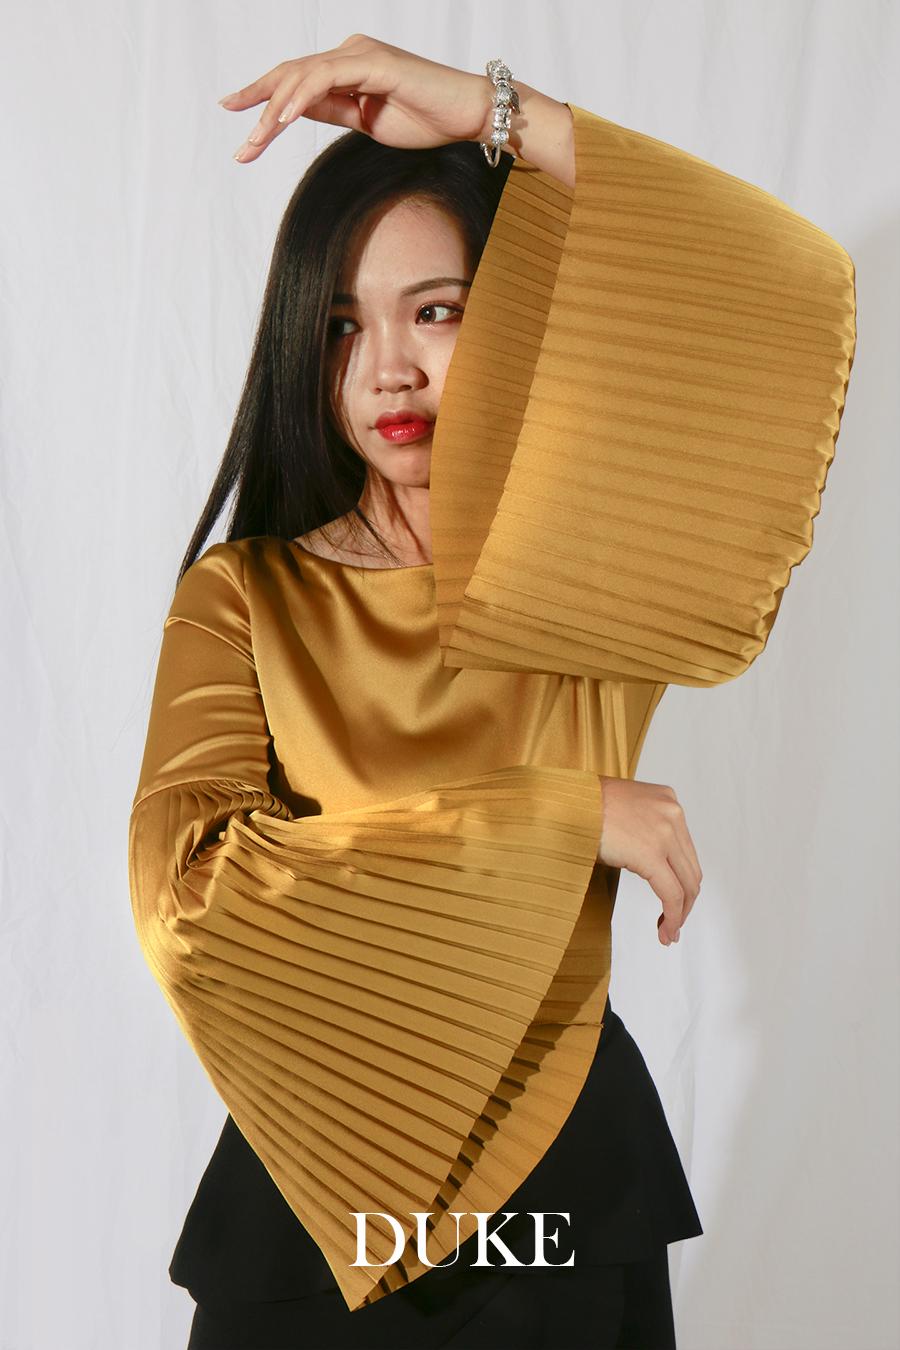 Xiaonan_Chen_fashion_photography_branding_bell_sleeves_DUKE 2